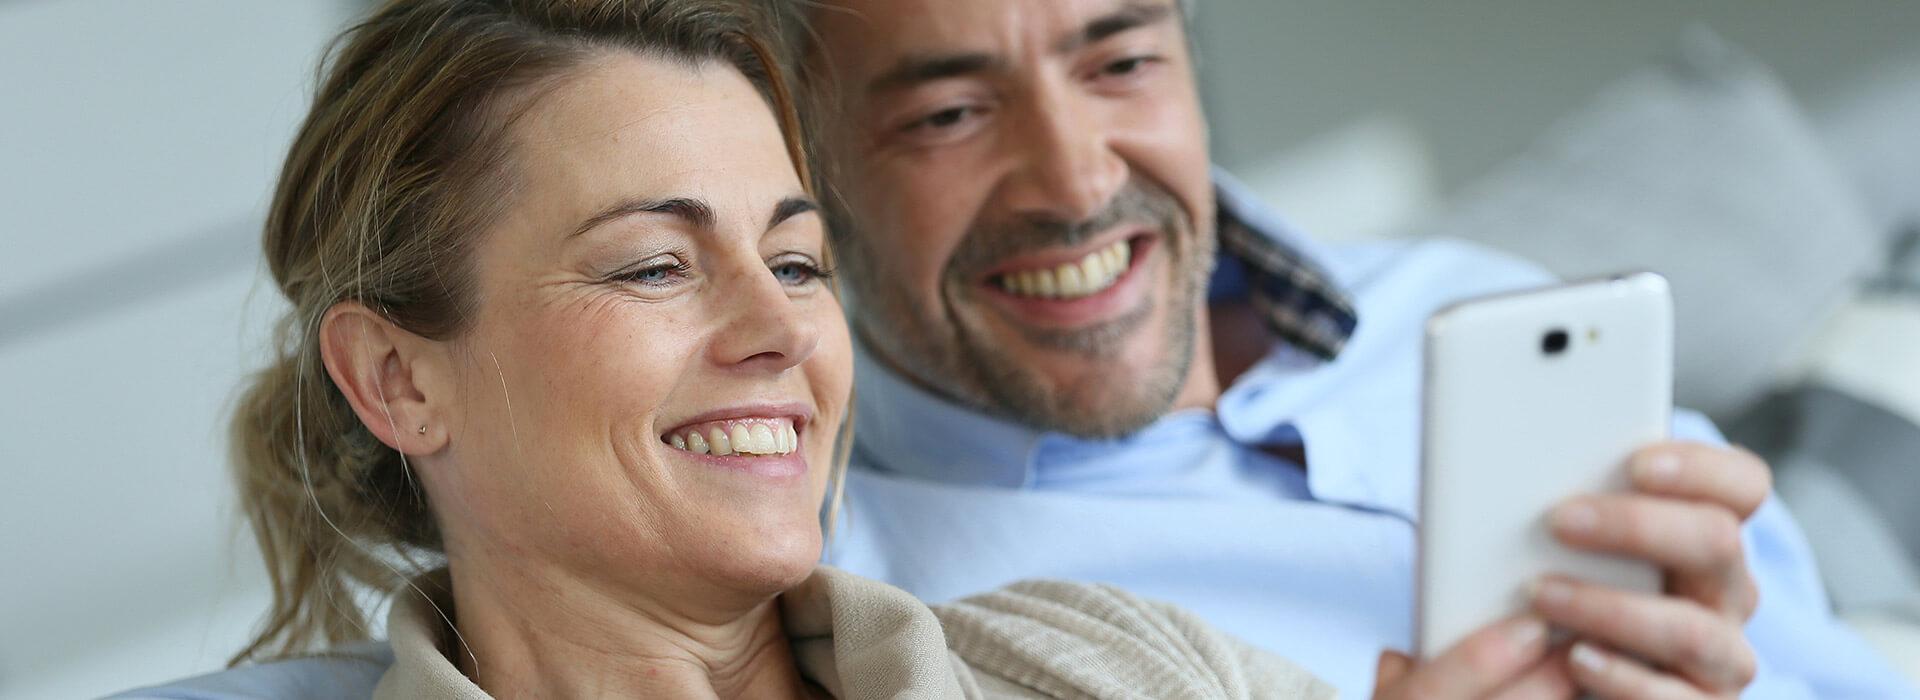 Kieferorthopädie für jedes Alter - Zahnspangenwelt Hannover